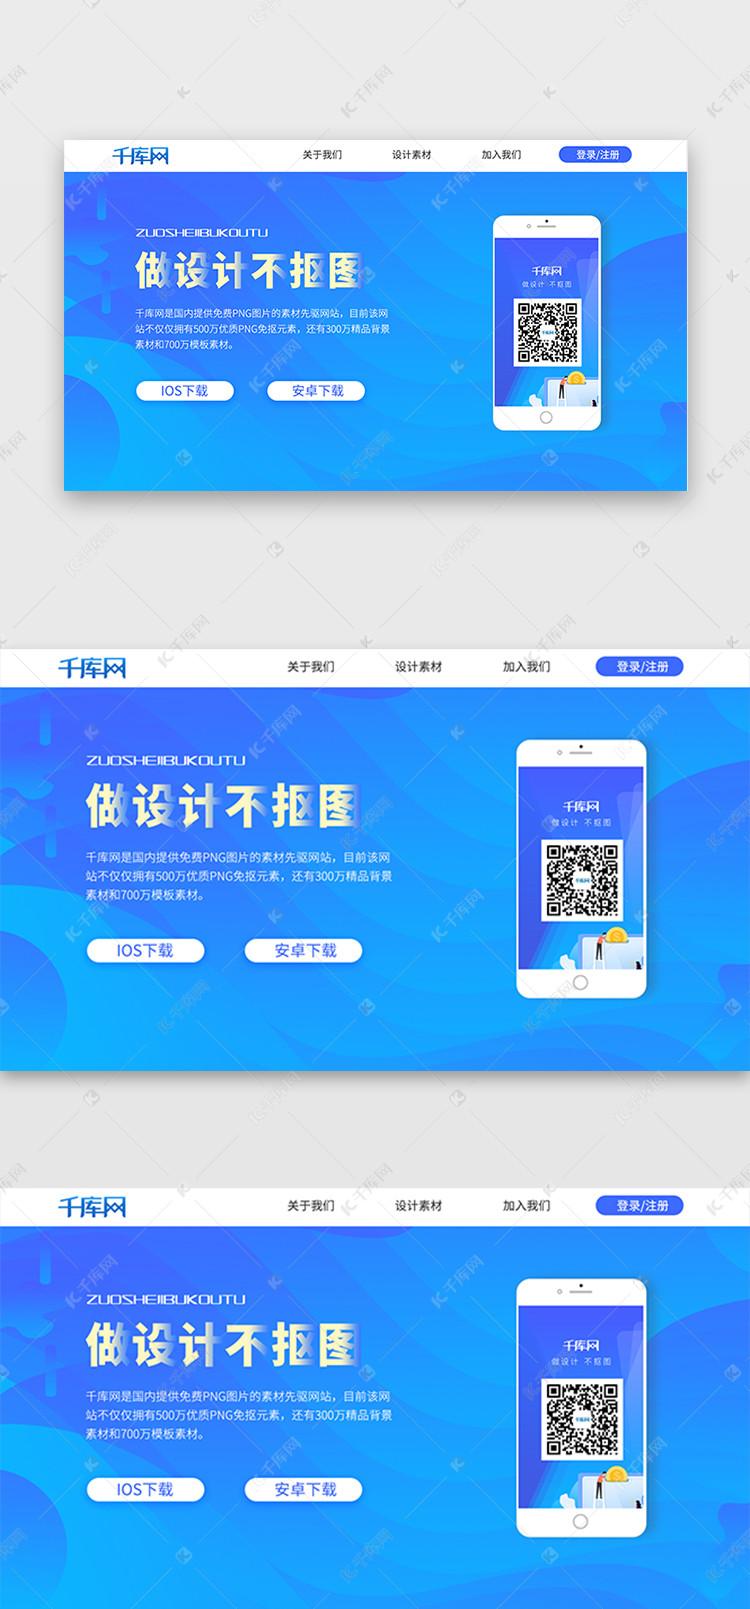 网站页面app二维码下载酒类ui界面设计素材软件包装设计图片